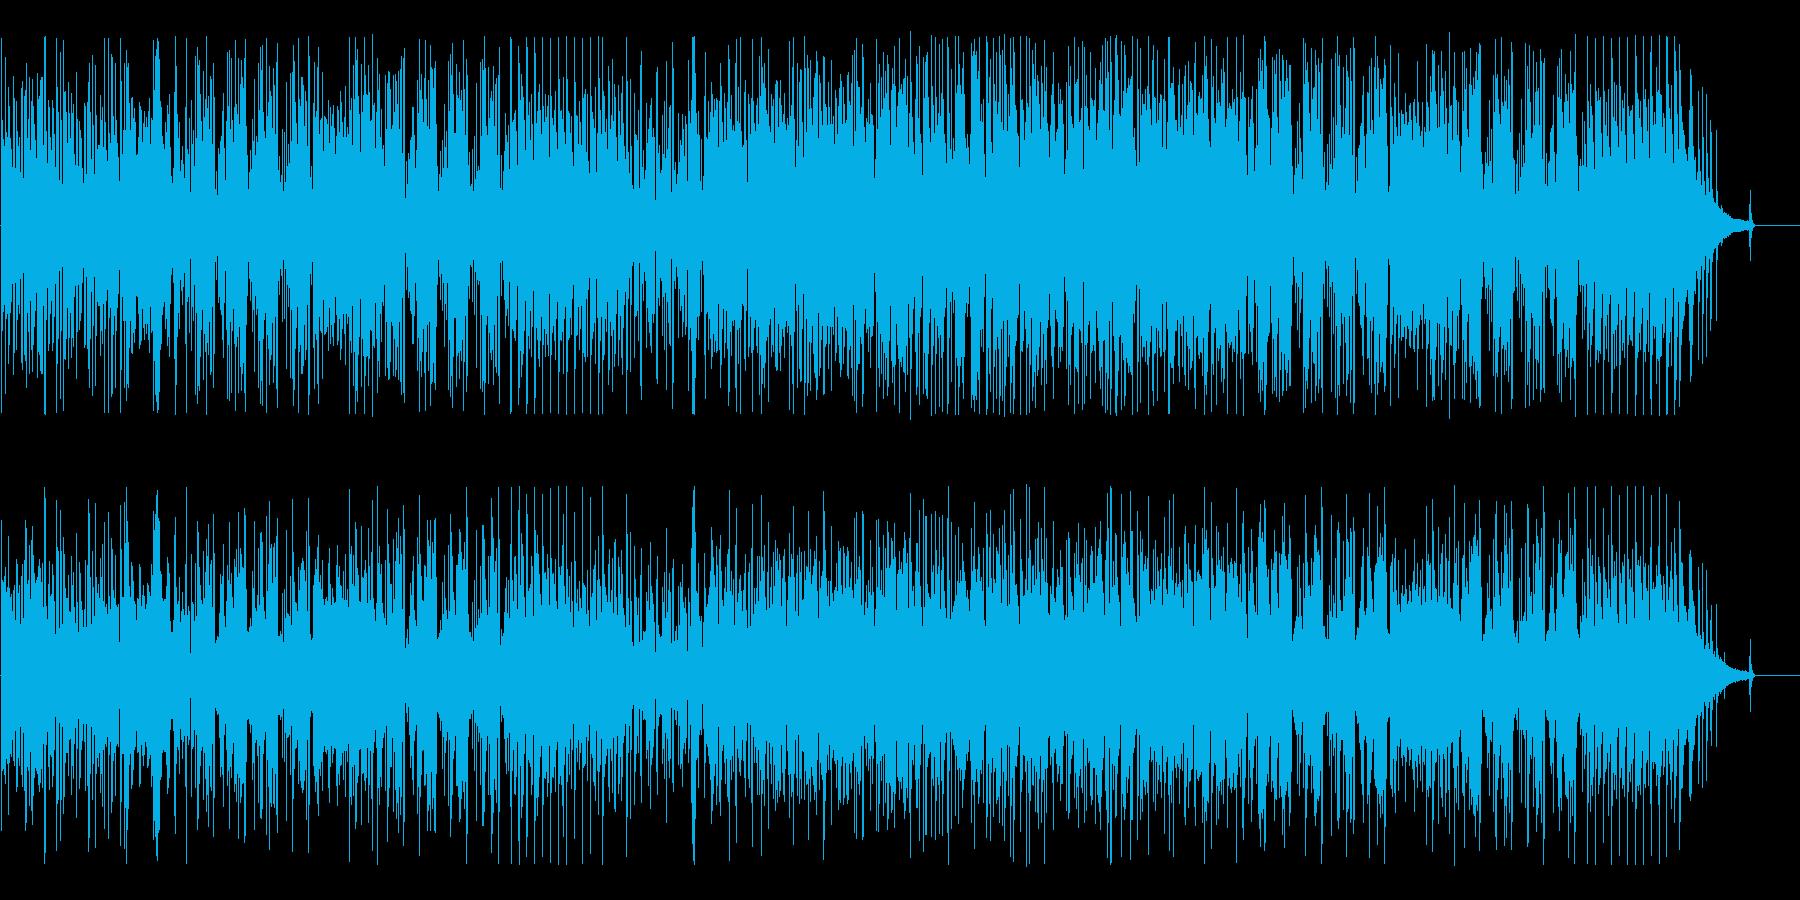 技巧的でカッコいい!現代的な高速ジャズの再生済みの波形